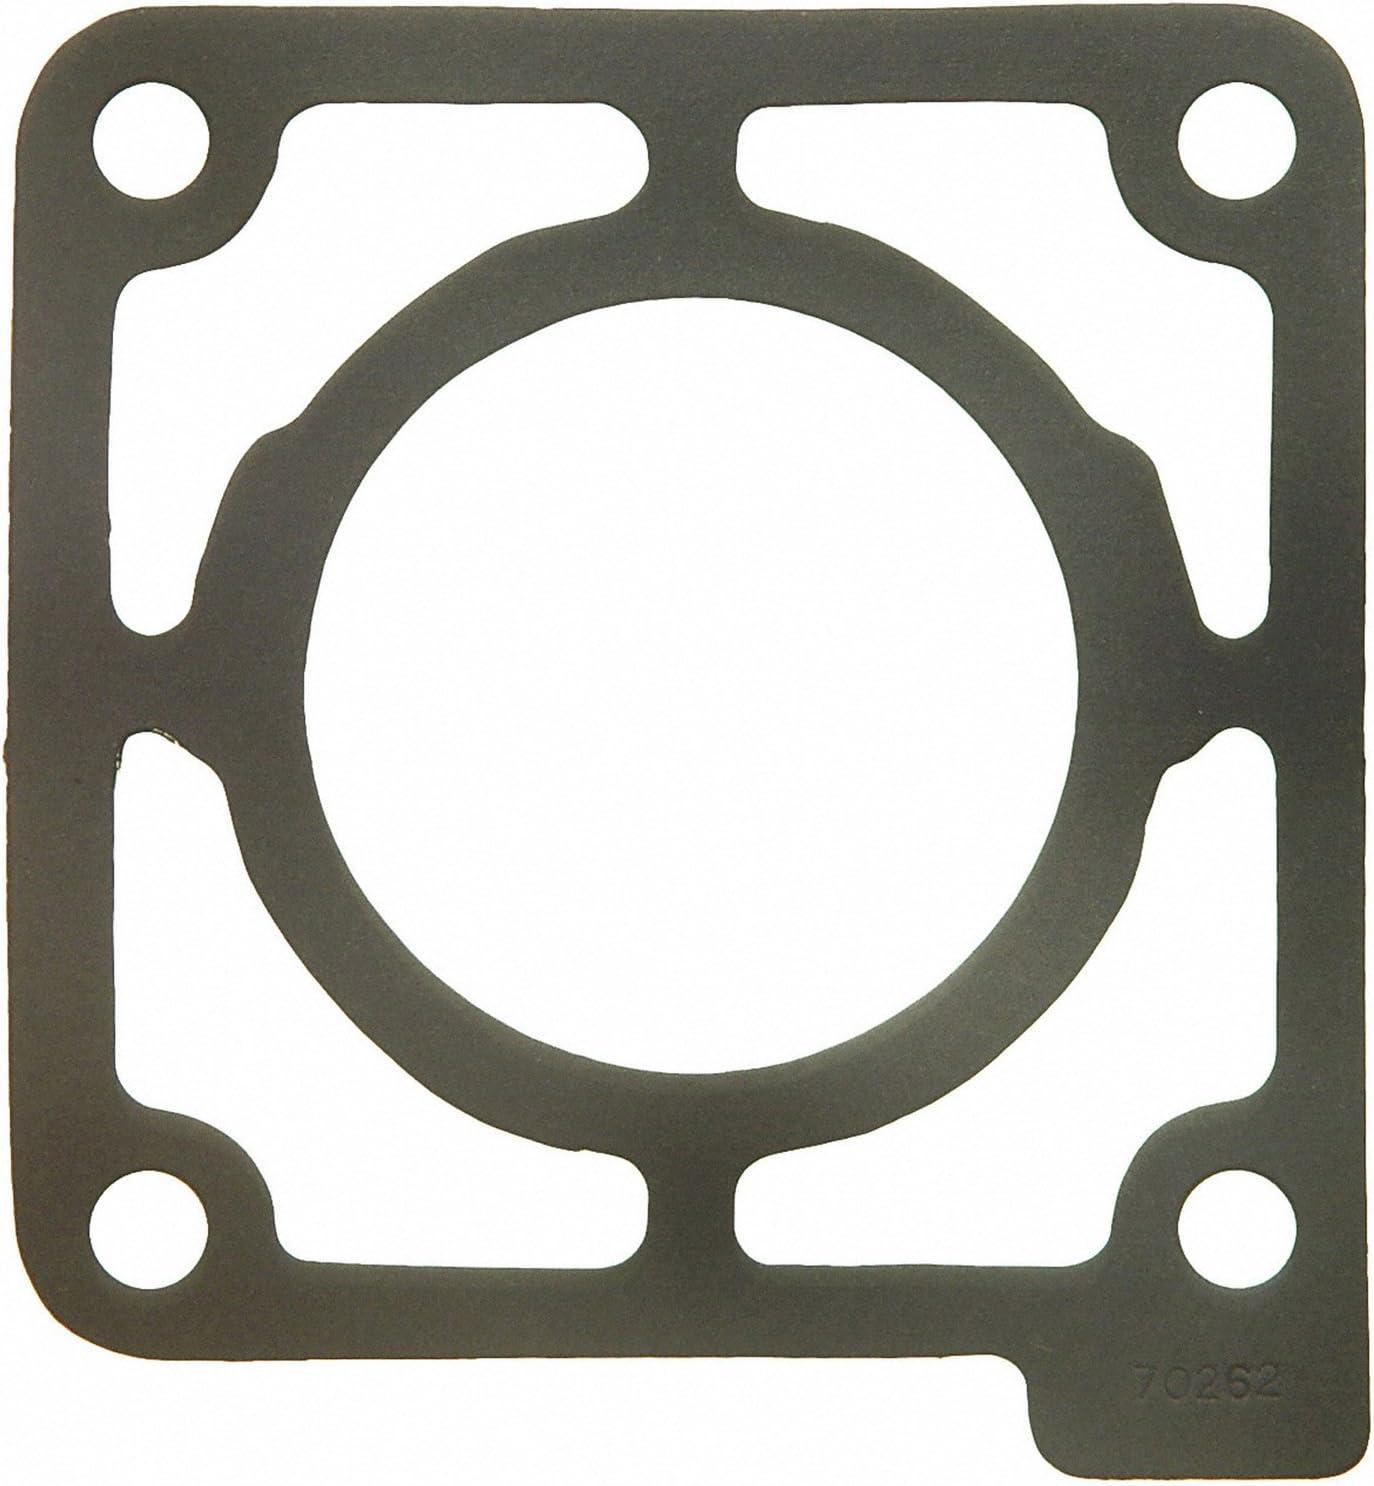 BBK 1572 65//70mm Throttle Body Gasket Kit for Ford 5.0L